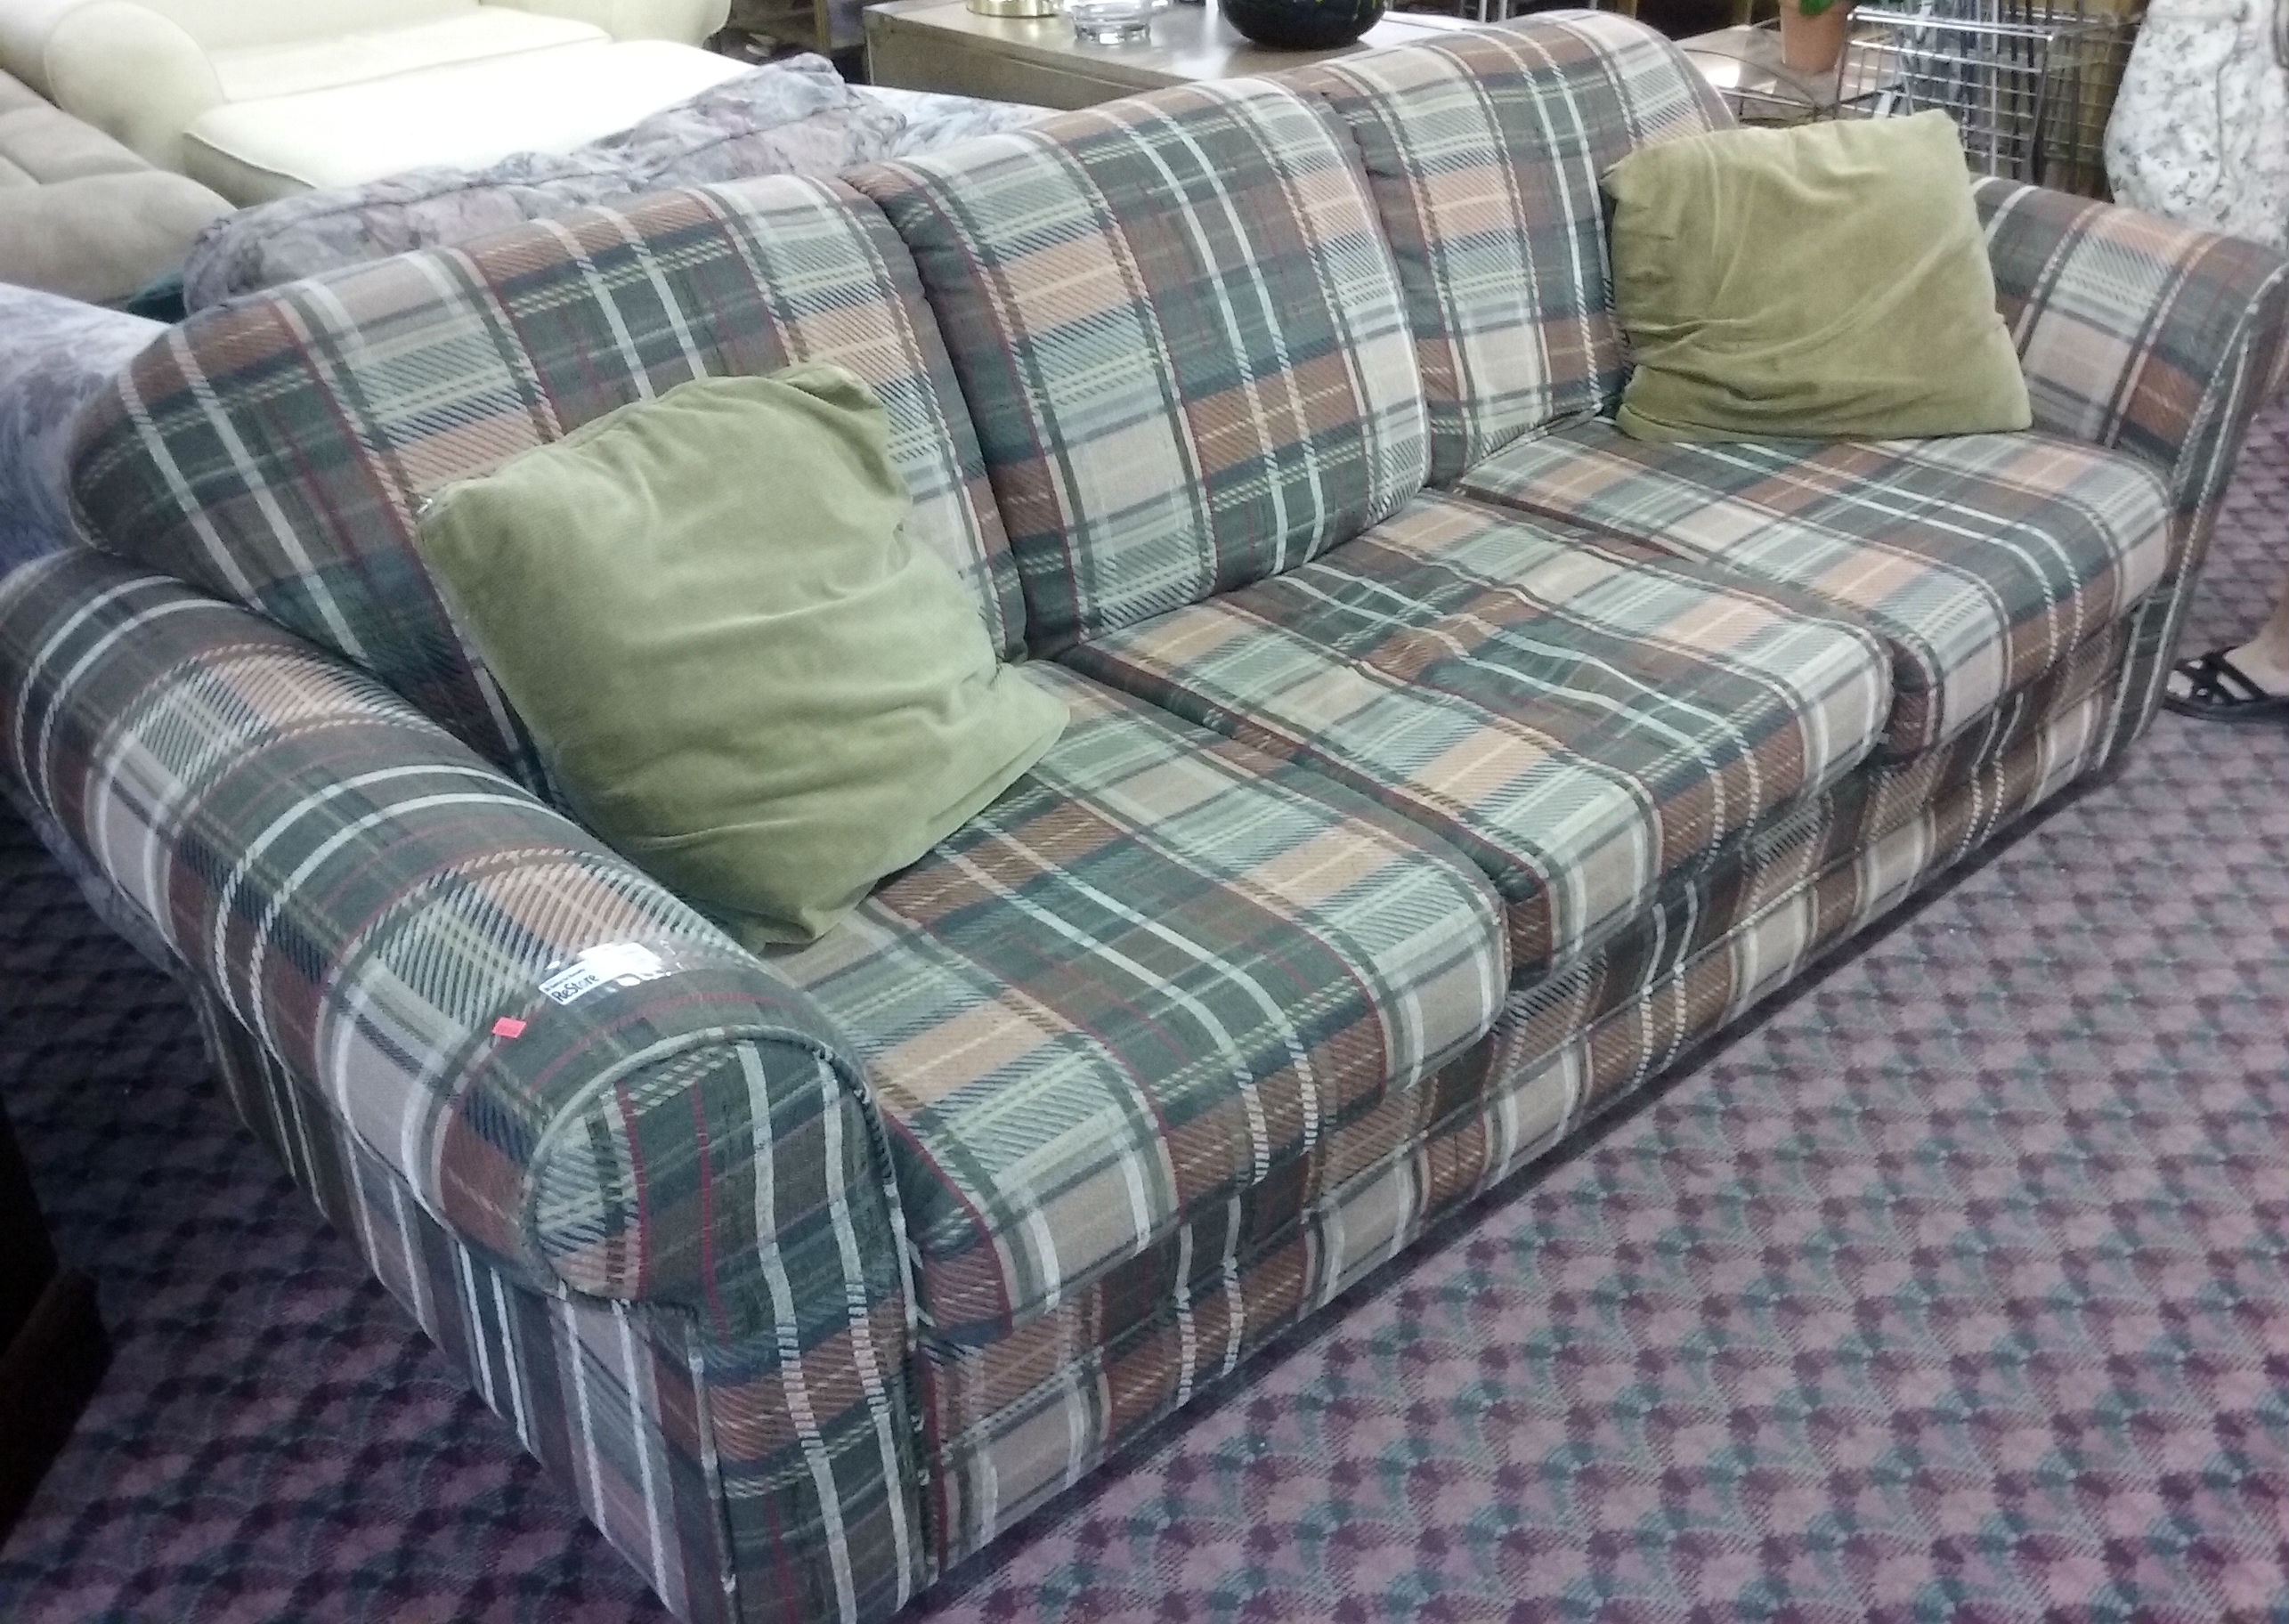 furniture for sale at the la pine restore la pine restore. Black Bedroom Furniture Sets. Home Design Ideas